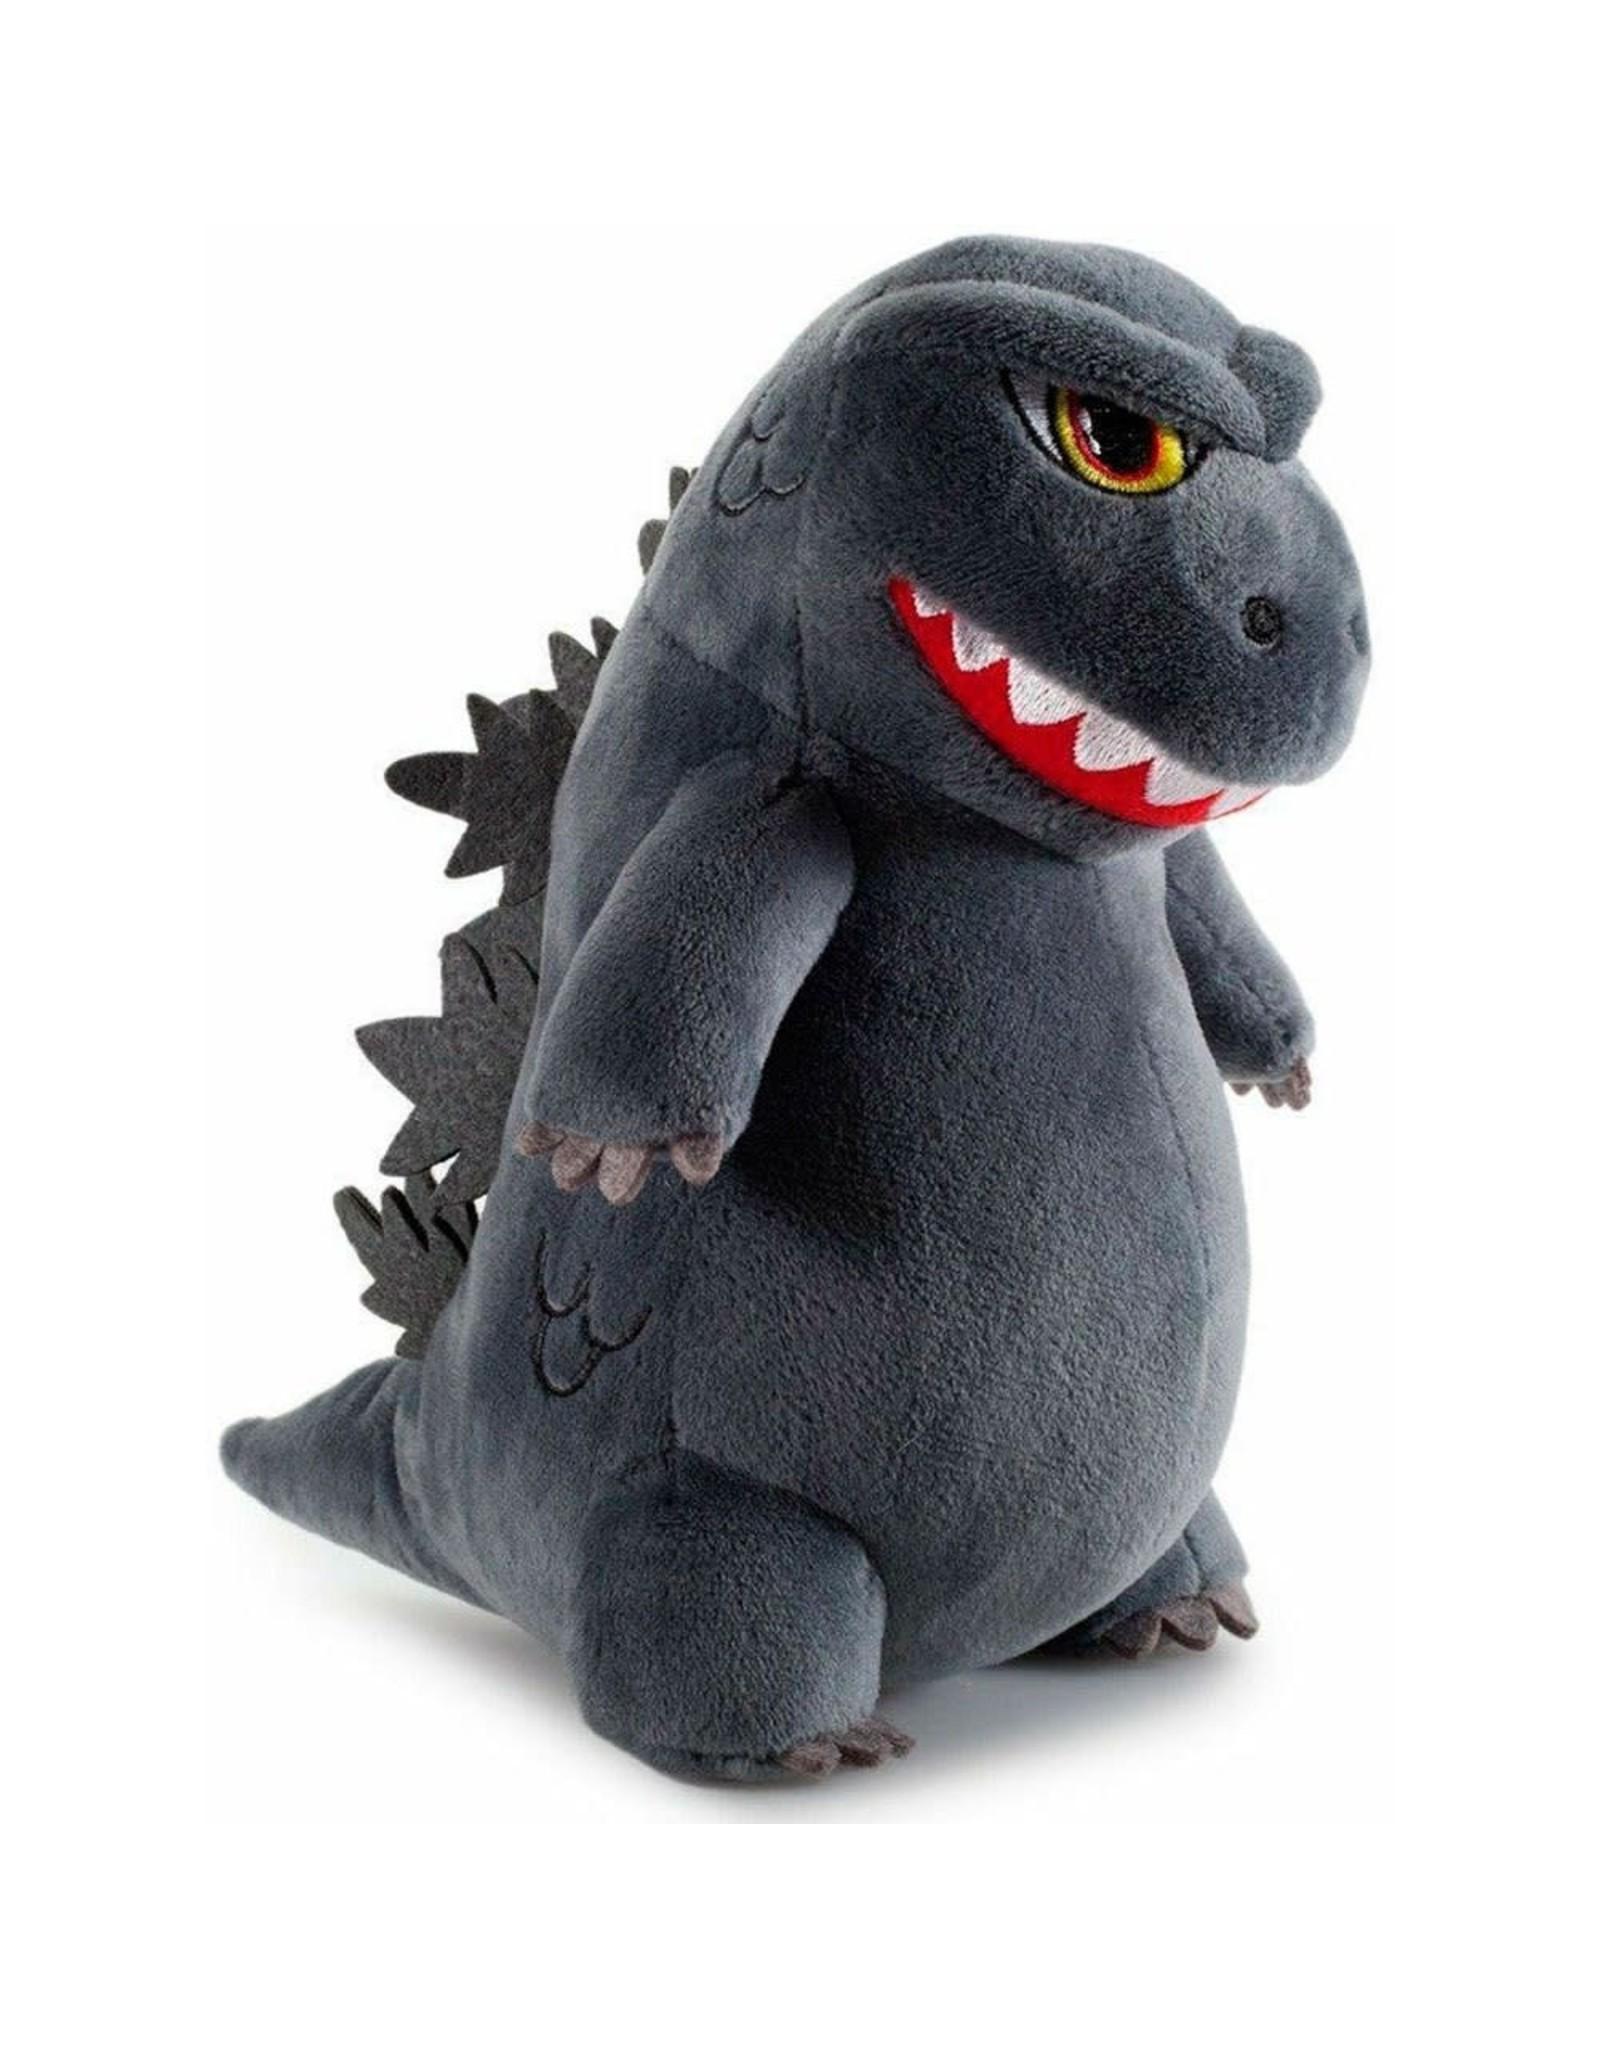 Godzilla Plush - 20cm - Phunny